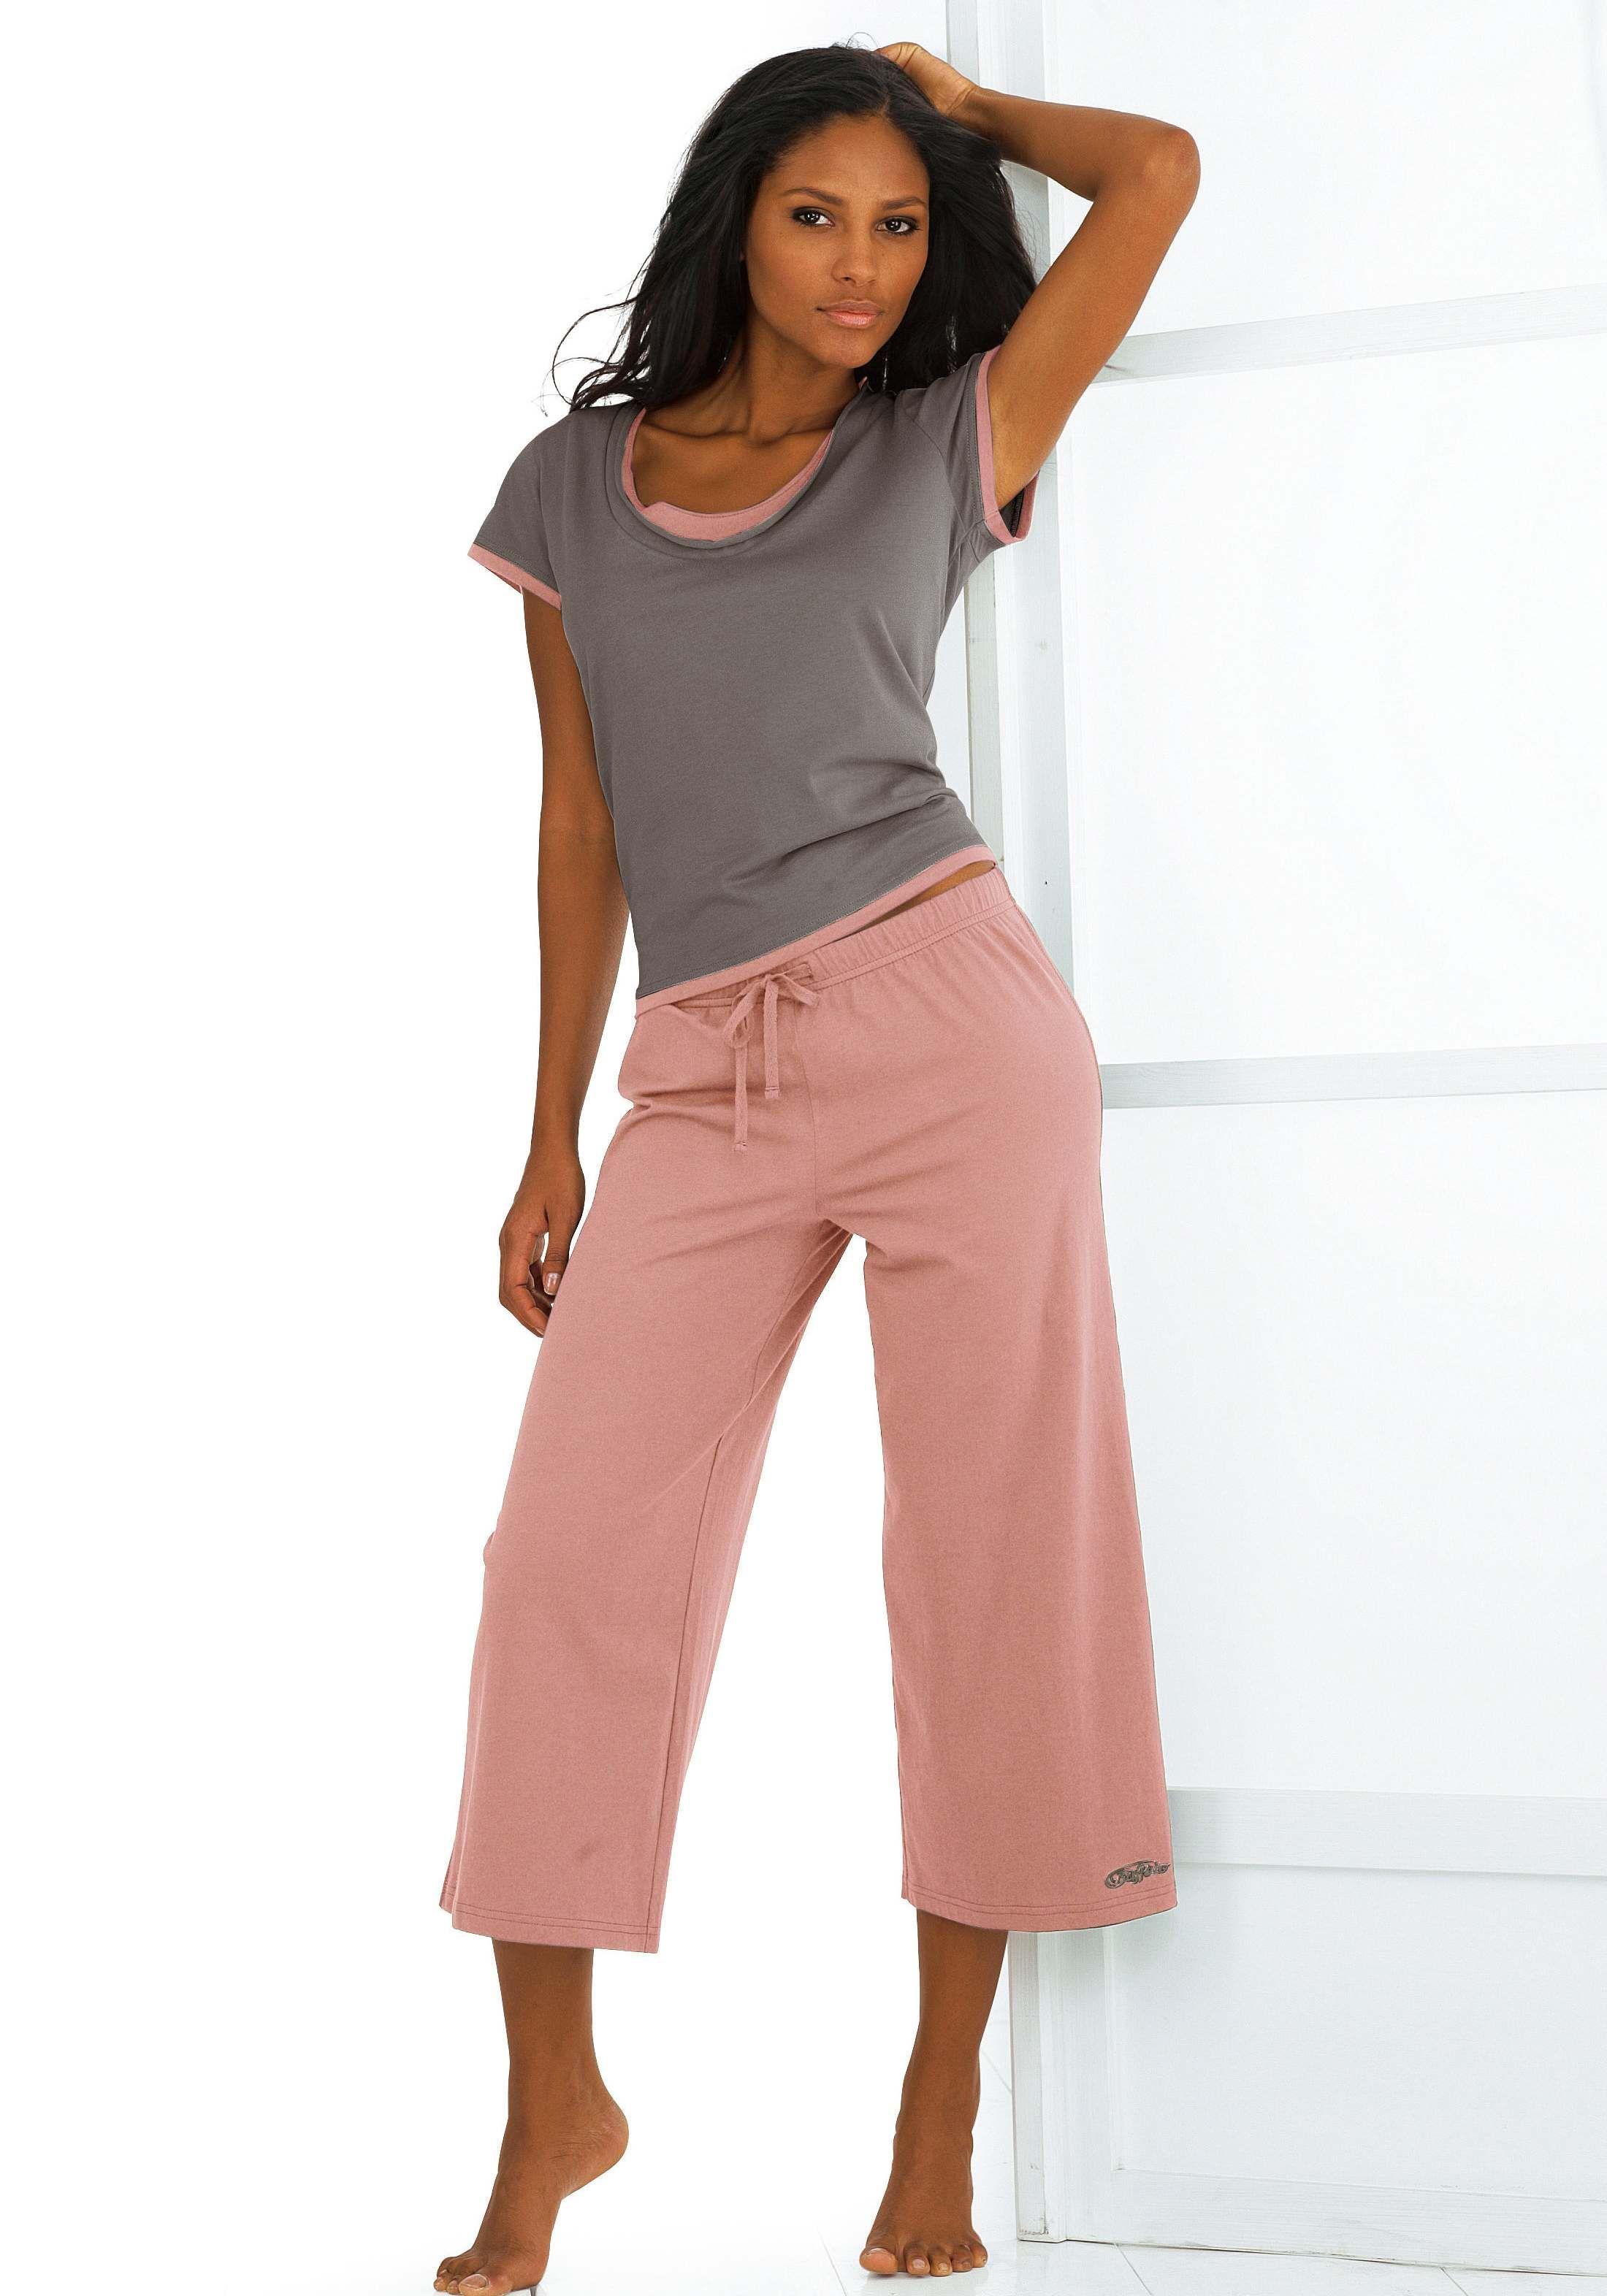 домашняя одежда для женщин на озон